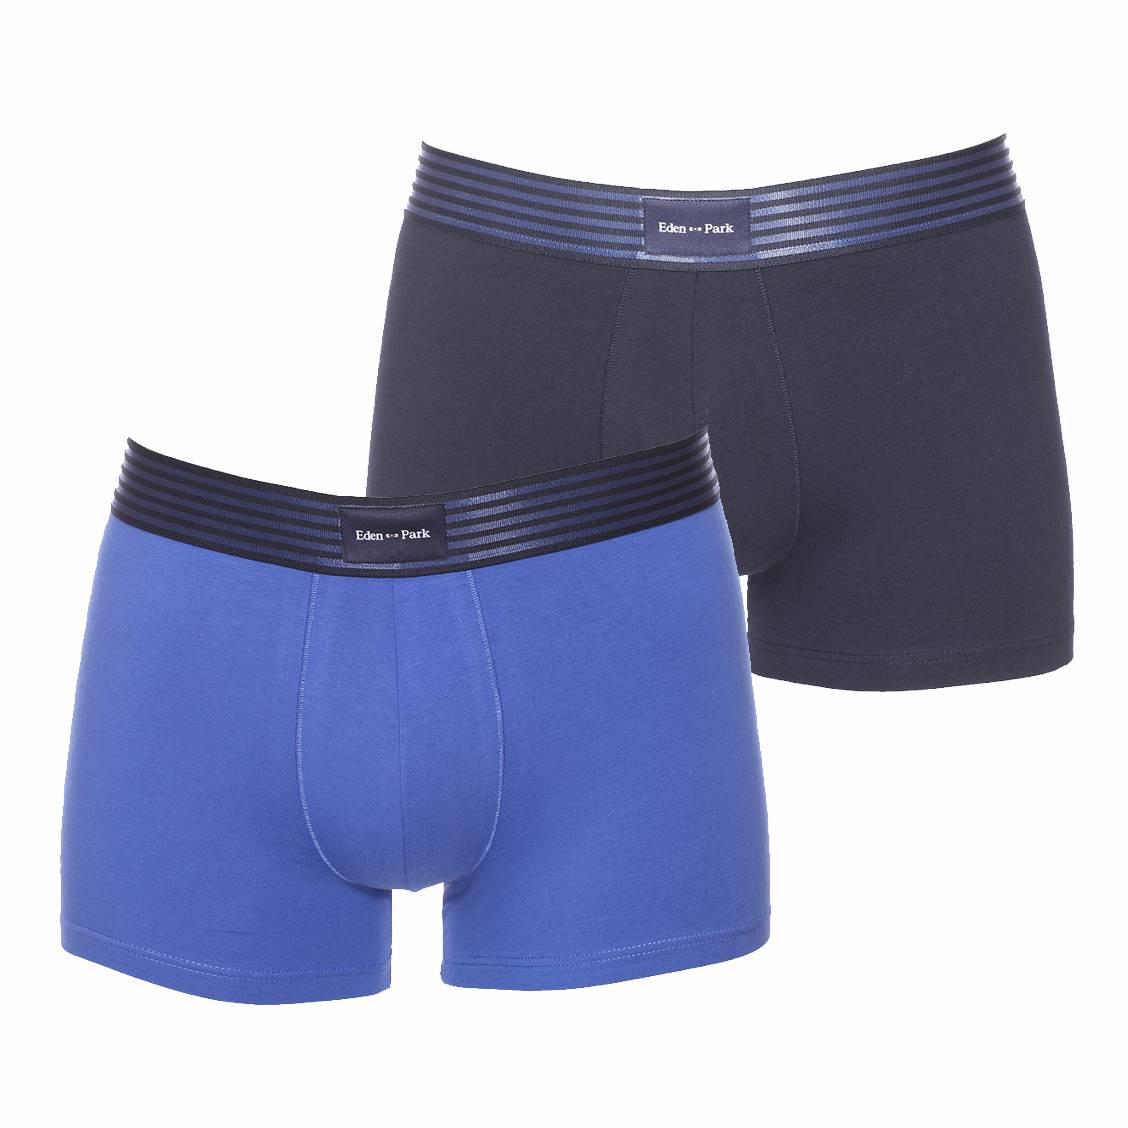 Lot de 2 boxers  en coton stretch bleu marine et bleu cobalt à ceinture rayée